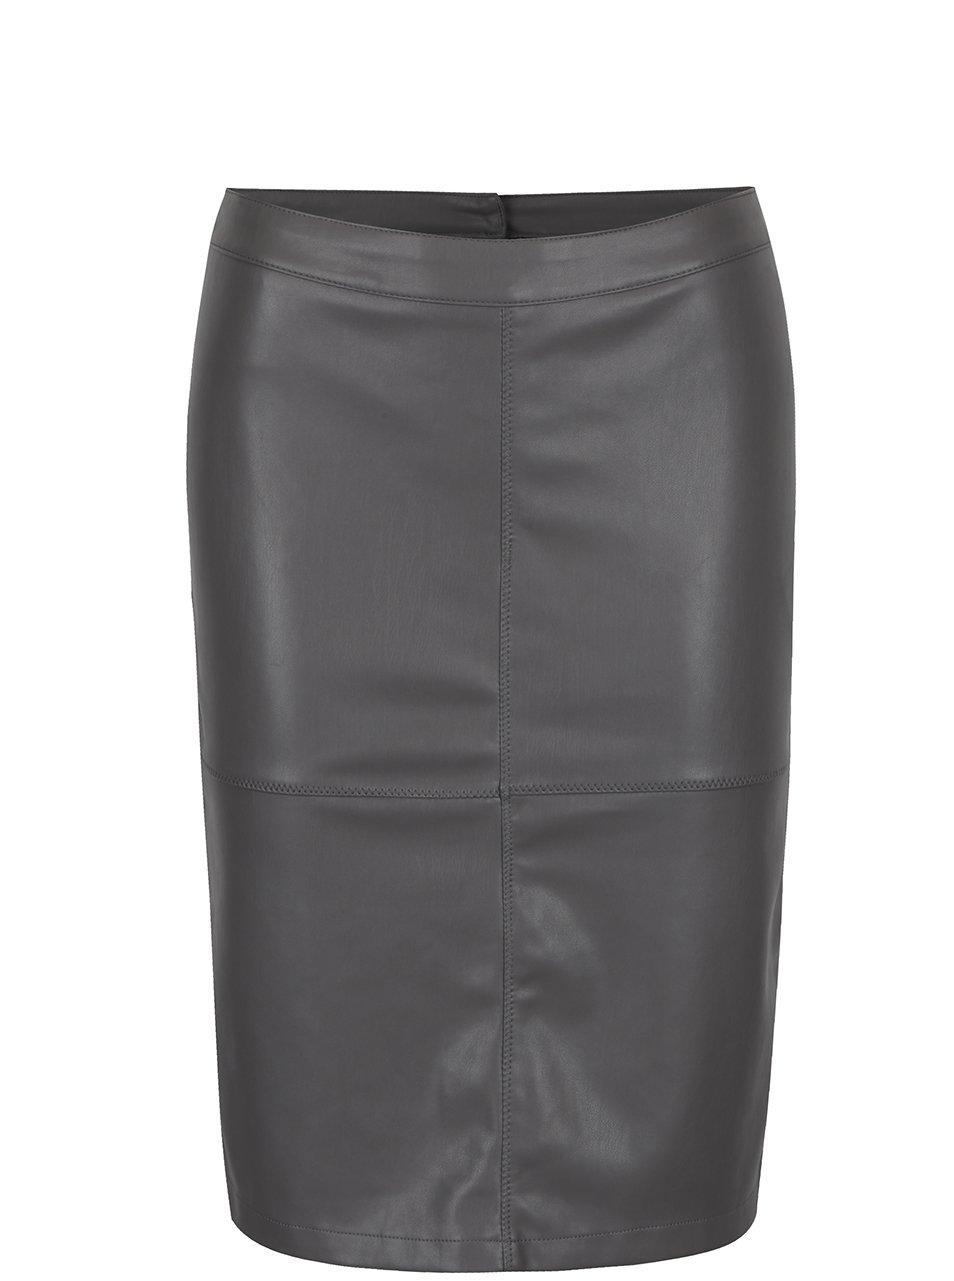 9c70626f05 Sivá koženková puzdrová sukňa s rozparkom VILA Pen New